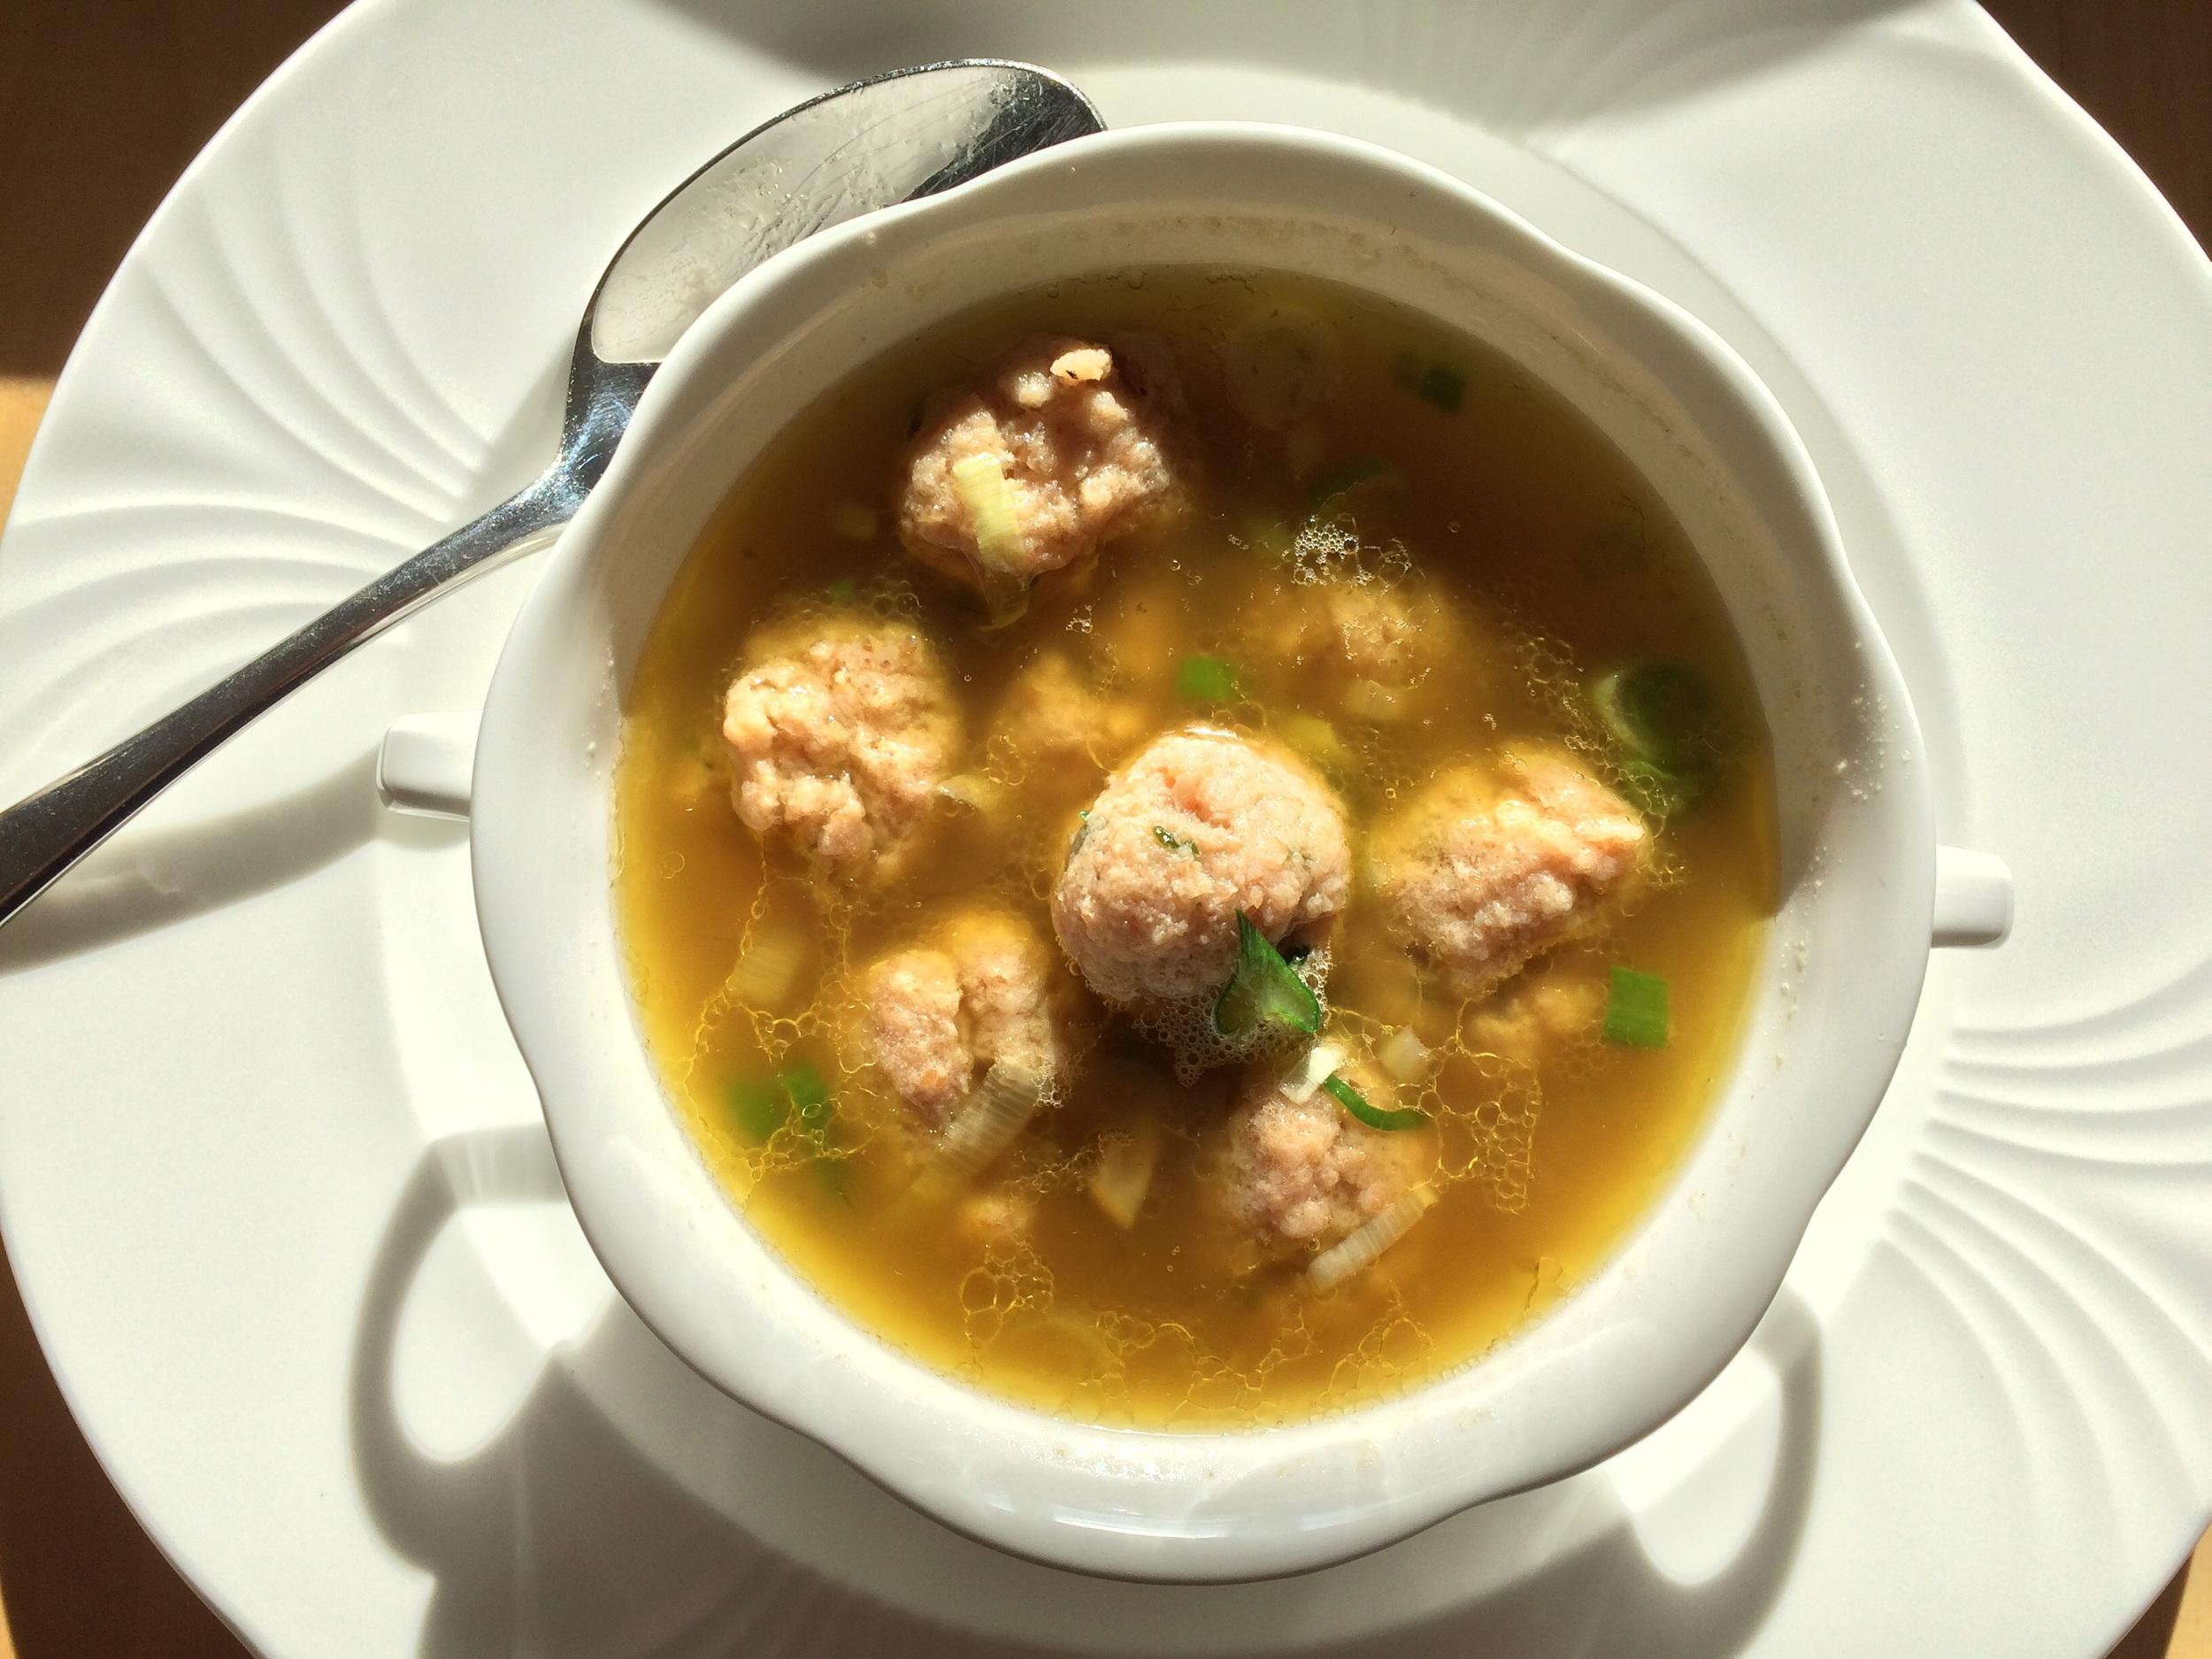 Aaah, a lovely bowl of soup & dumplings